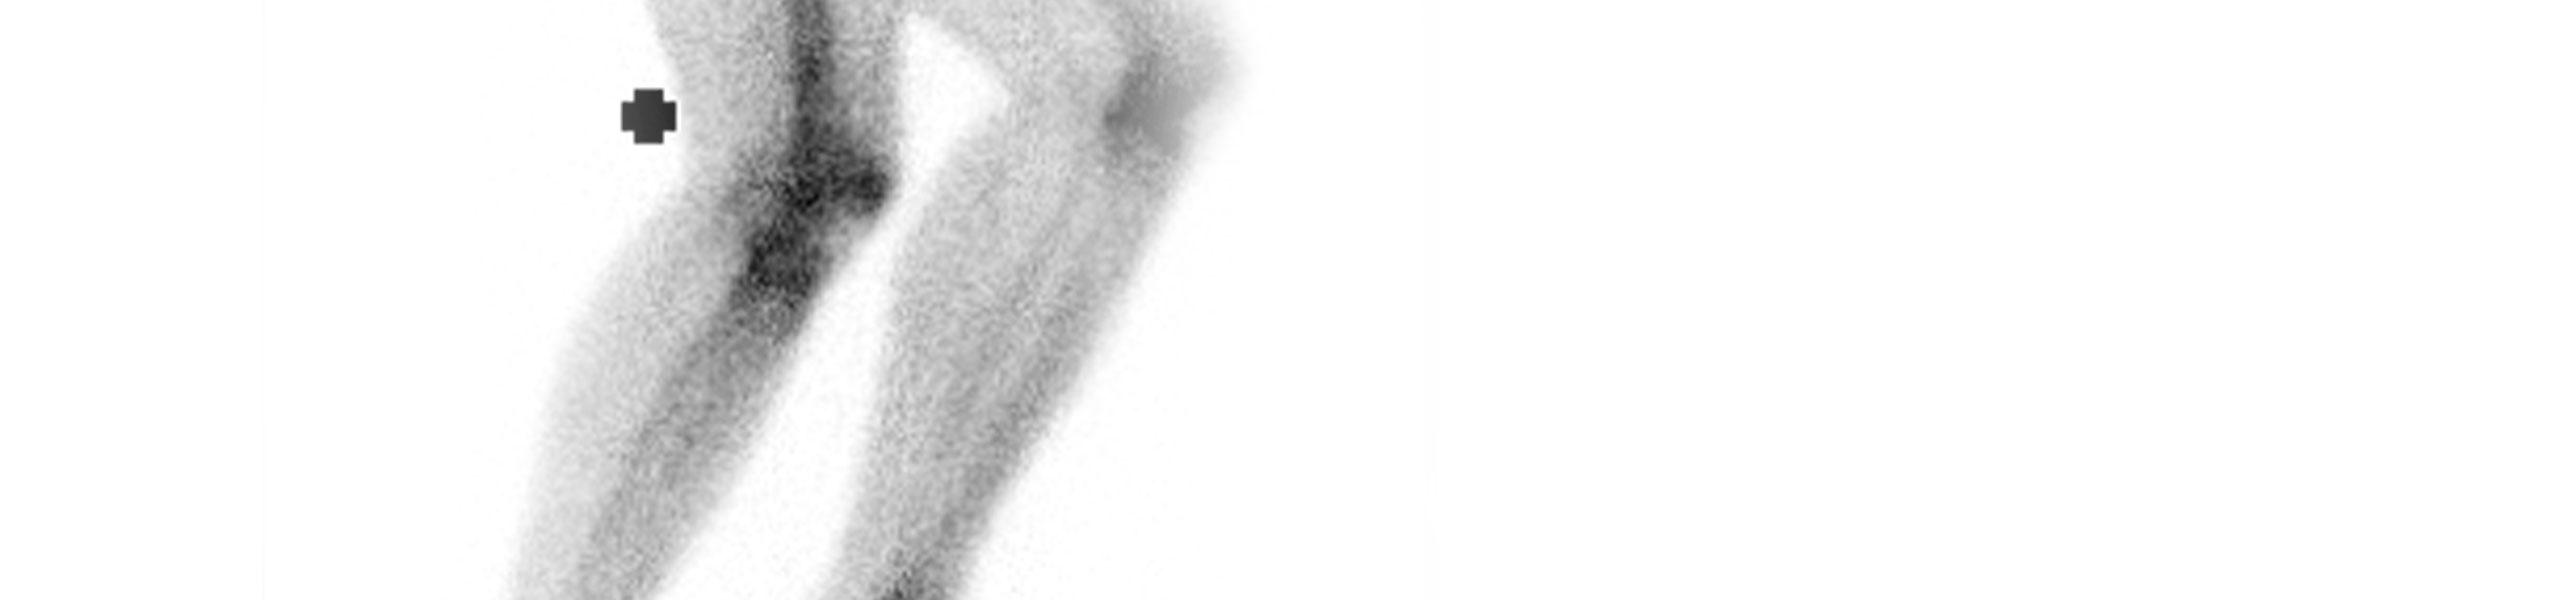 sportopaedie heidelberg radiologie sinzigraphie header